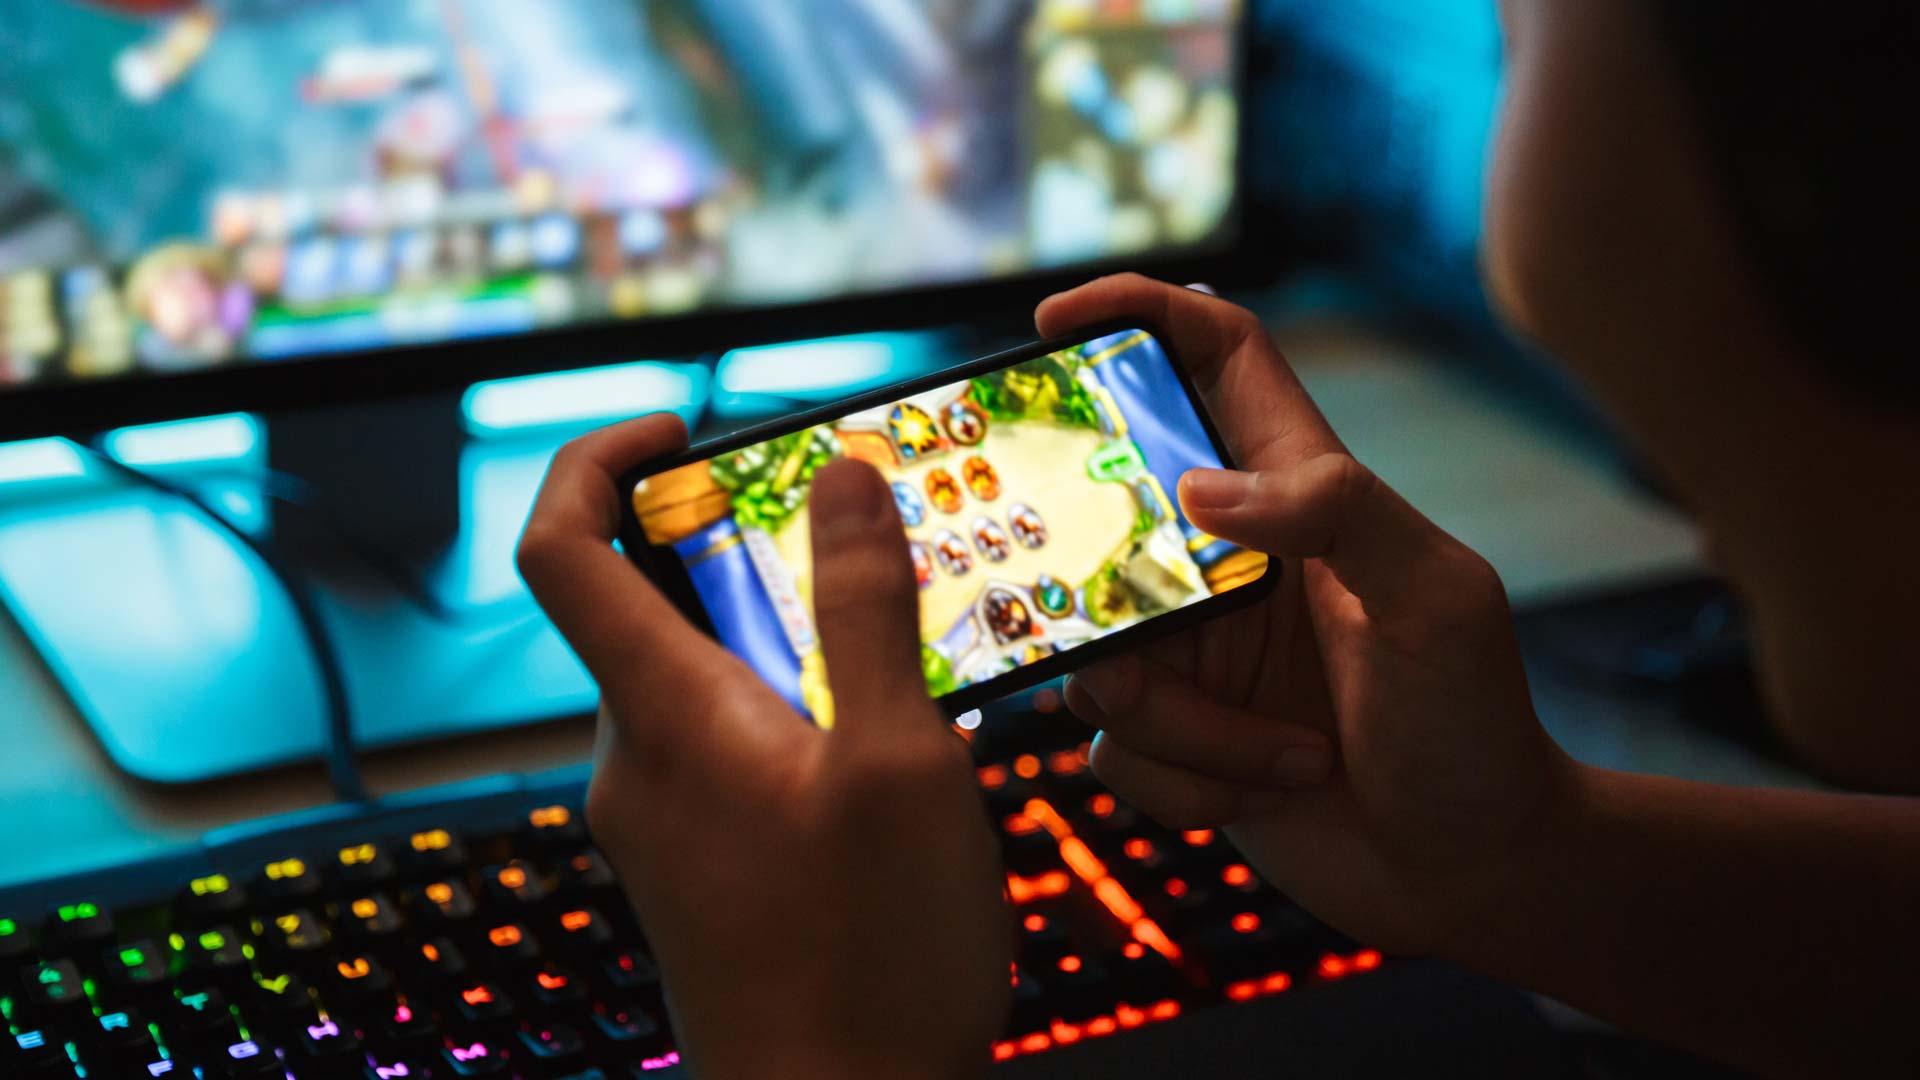 Conheça os Jogos de Celular Mais Jogados do Mundo